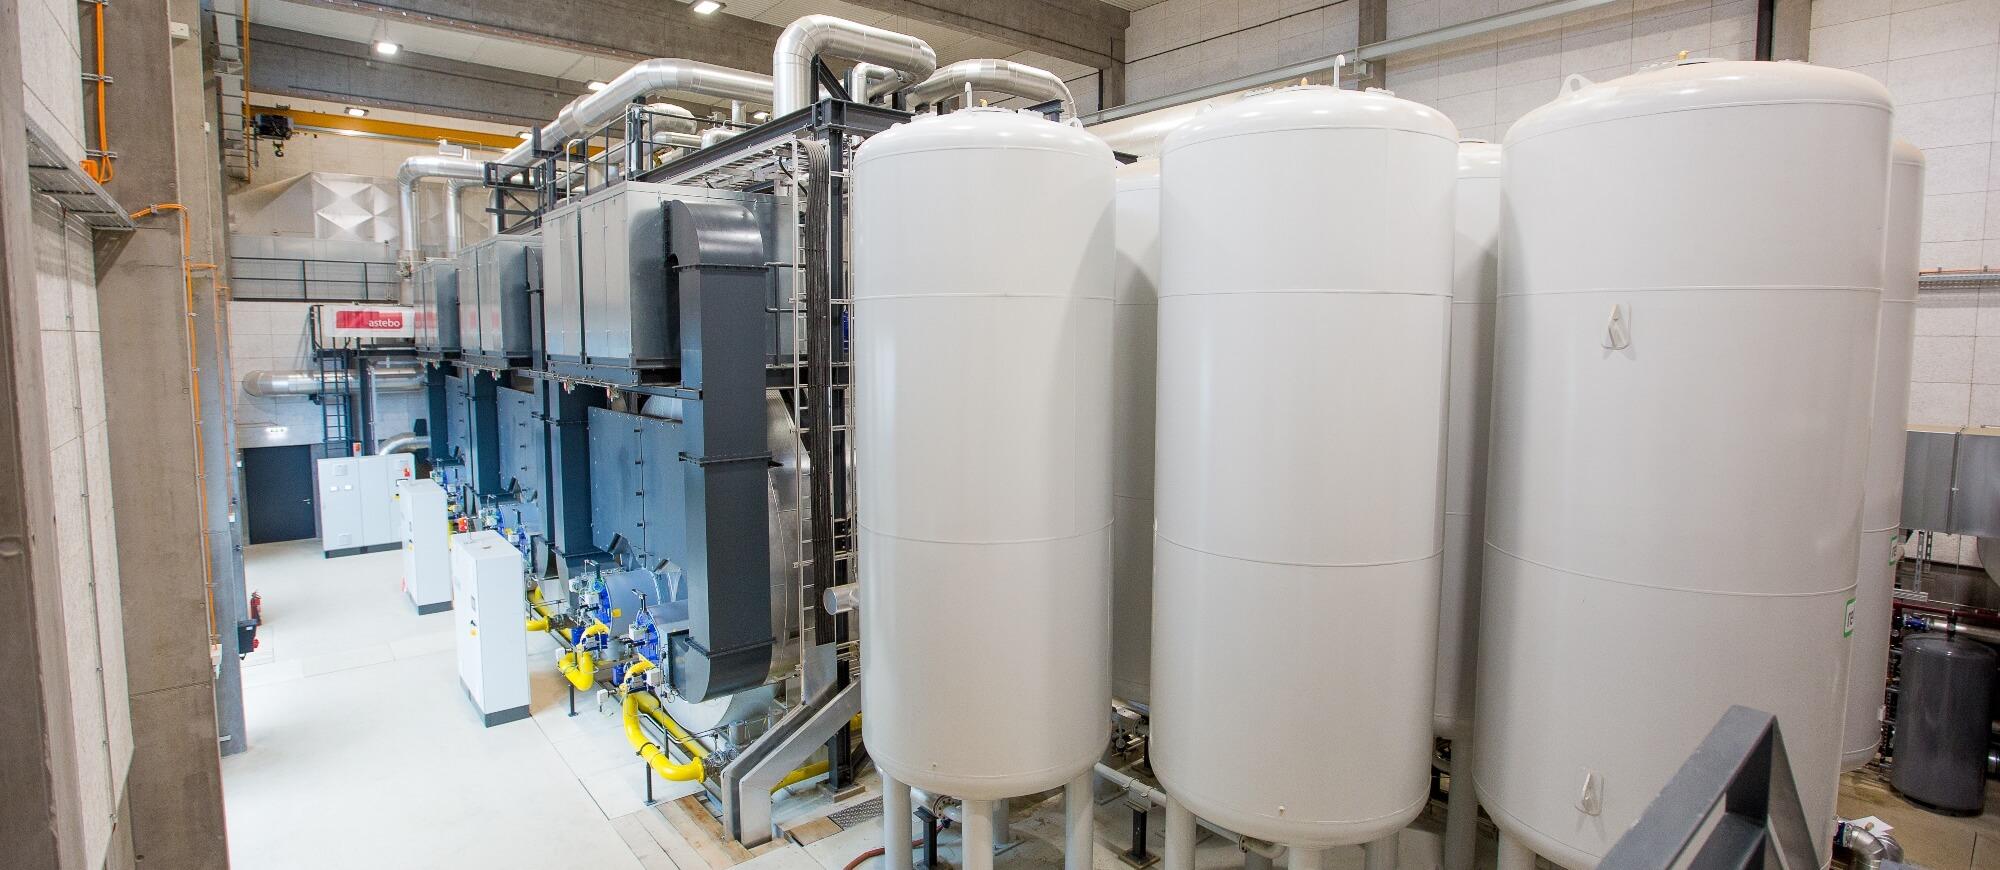 Über uns - Astebo - Herstellung/Lieferung von Industriekesselanlagen